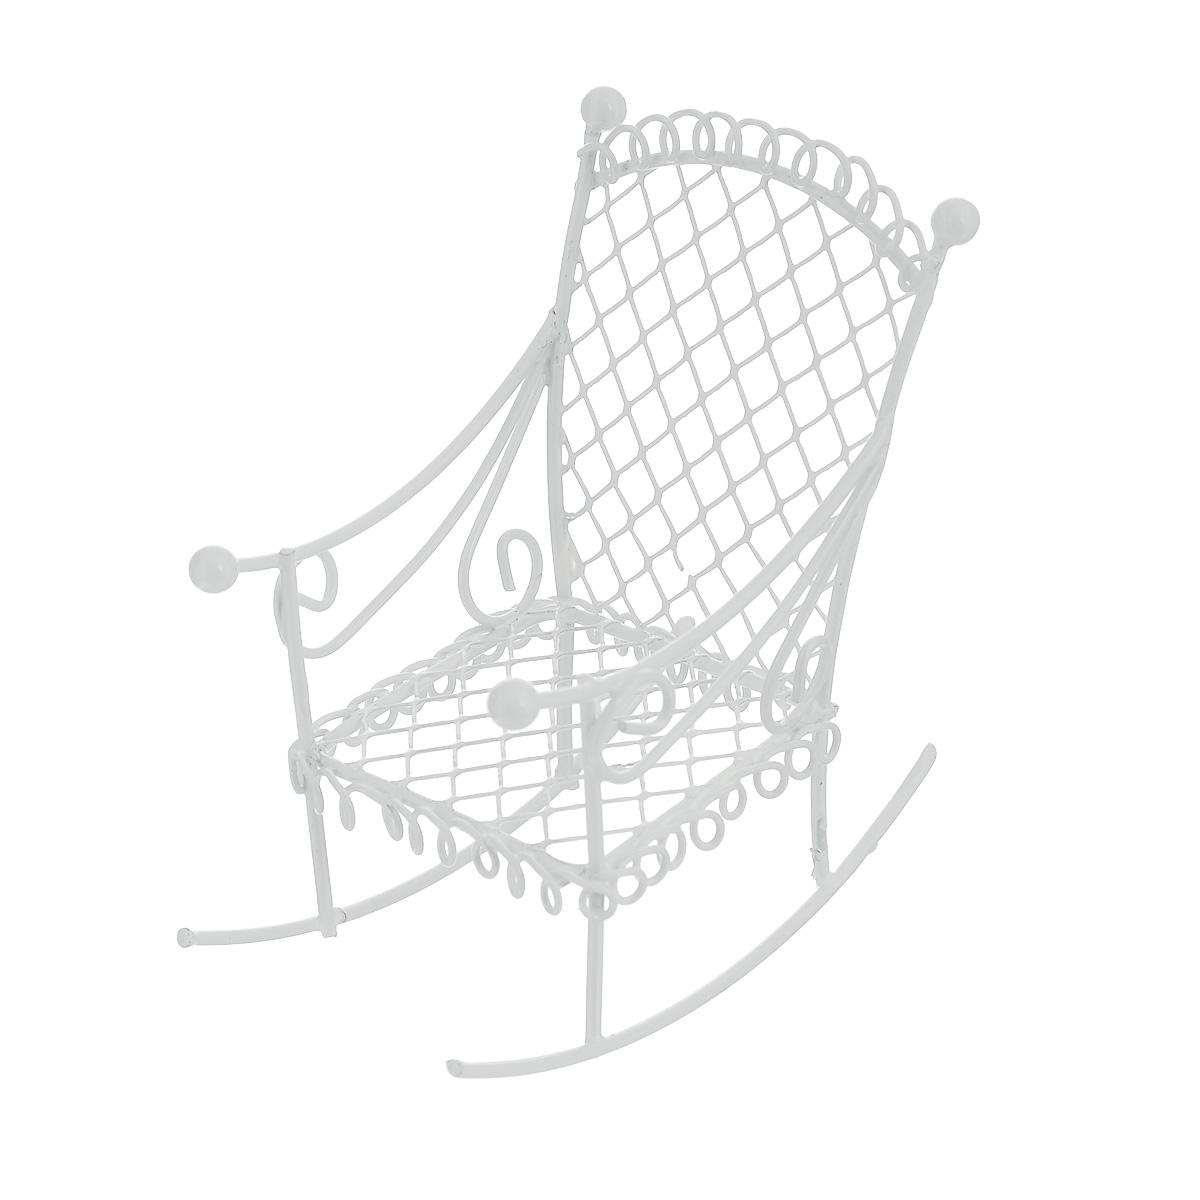 Миниатюра кукольная ScrapBerrys Кресло-качалка, цвет: белыйSCB271034Миниатюра кукольная ScrapBerrys Кресло-качалка изготовлена из металла в виде кованого кресла. Такая миниатюра прекрасно подойдет для декорирования кукольных домиков, а также для оформления работ в самых различных техниках. С ее помощью можно обставлять румбокс. Можно использовать в шэдоубоксах или просто как изысканные украшения для скрап-работ.